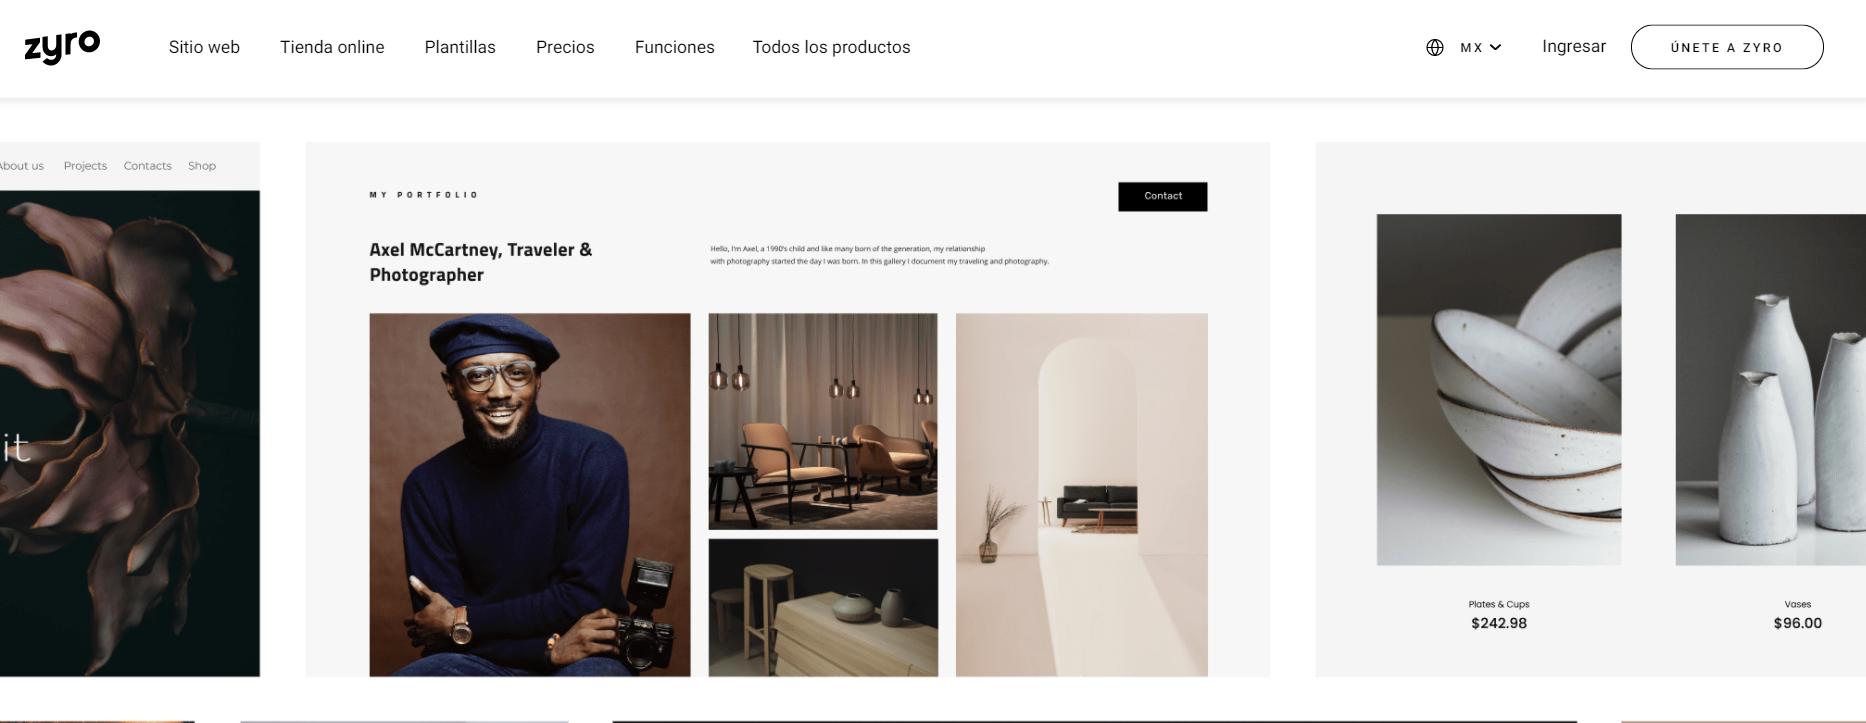 Crear-una-pagina-online-con-Zyro